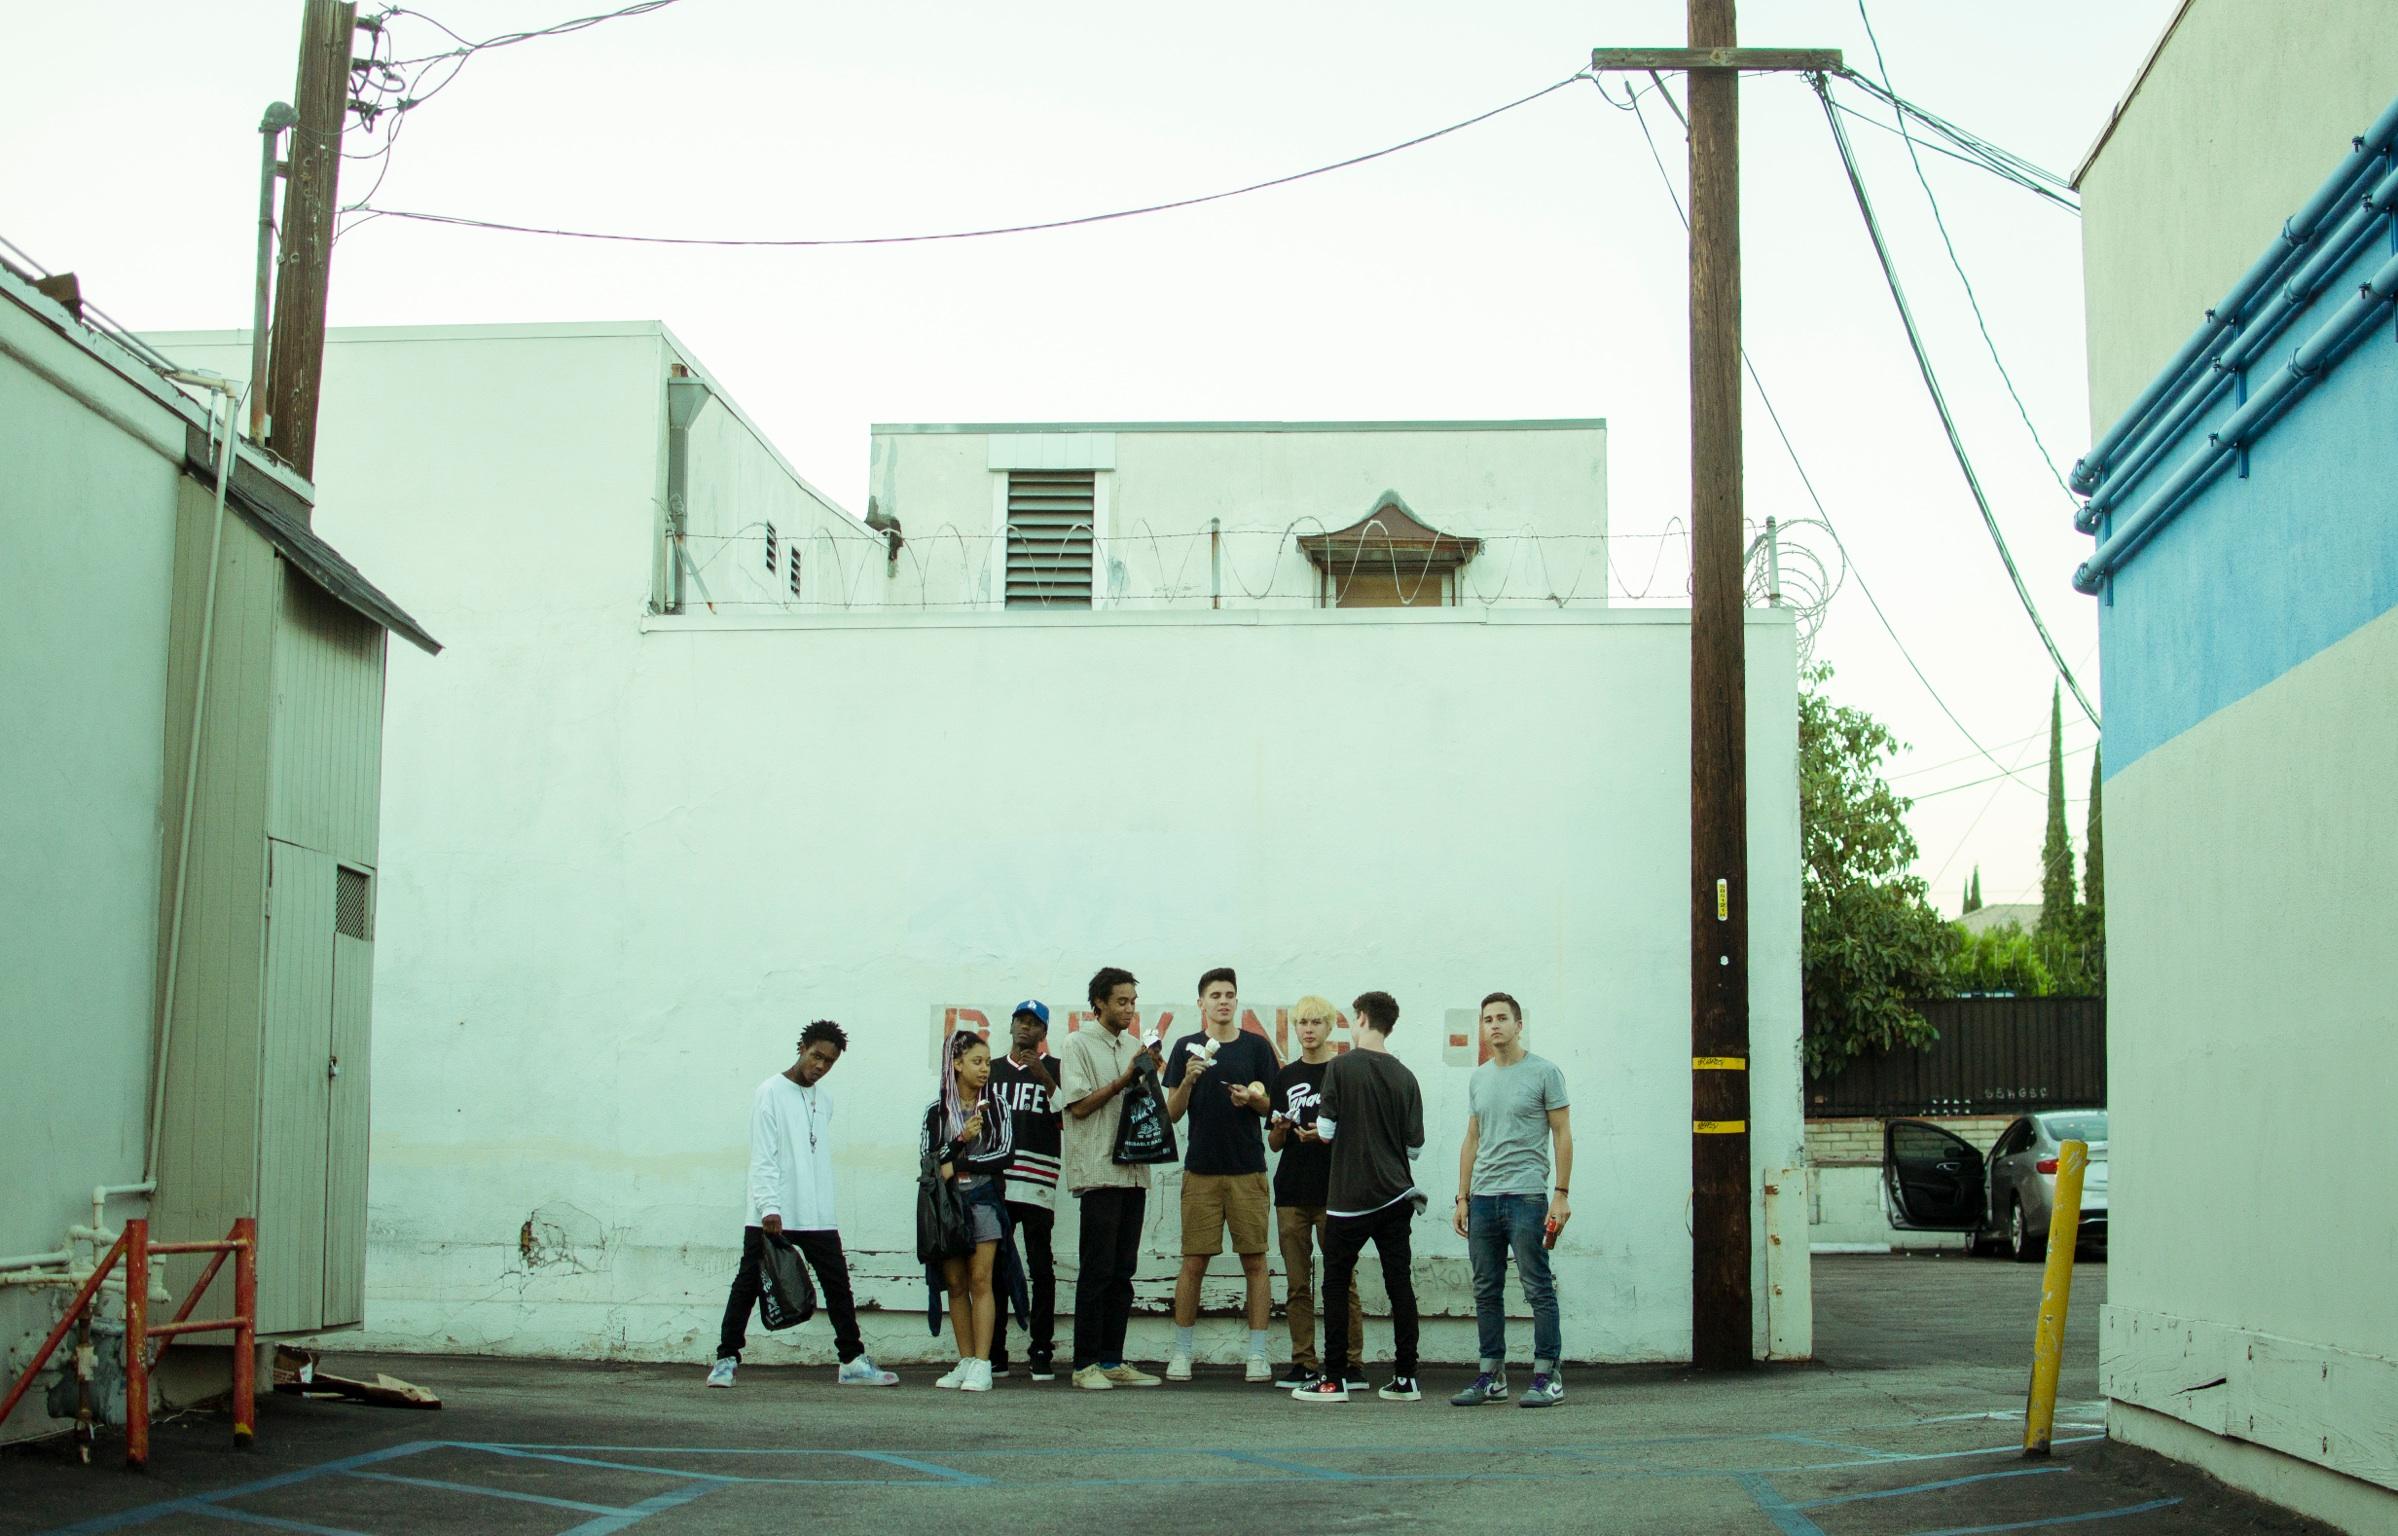 Photo by Noah AP